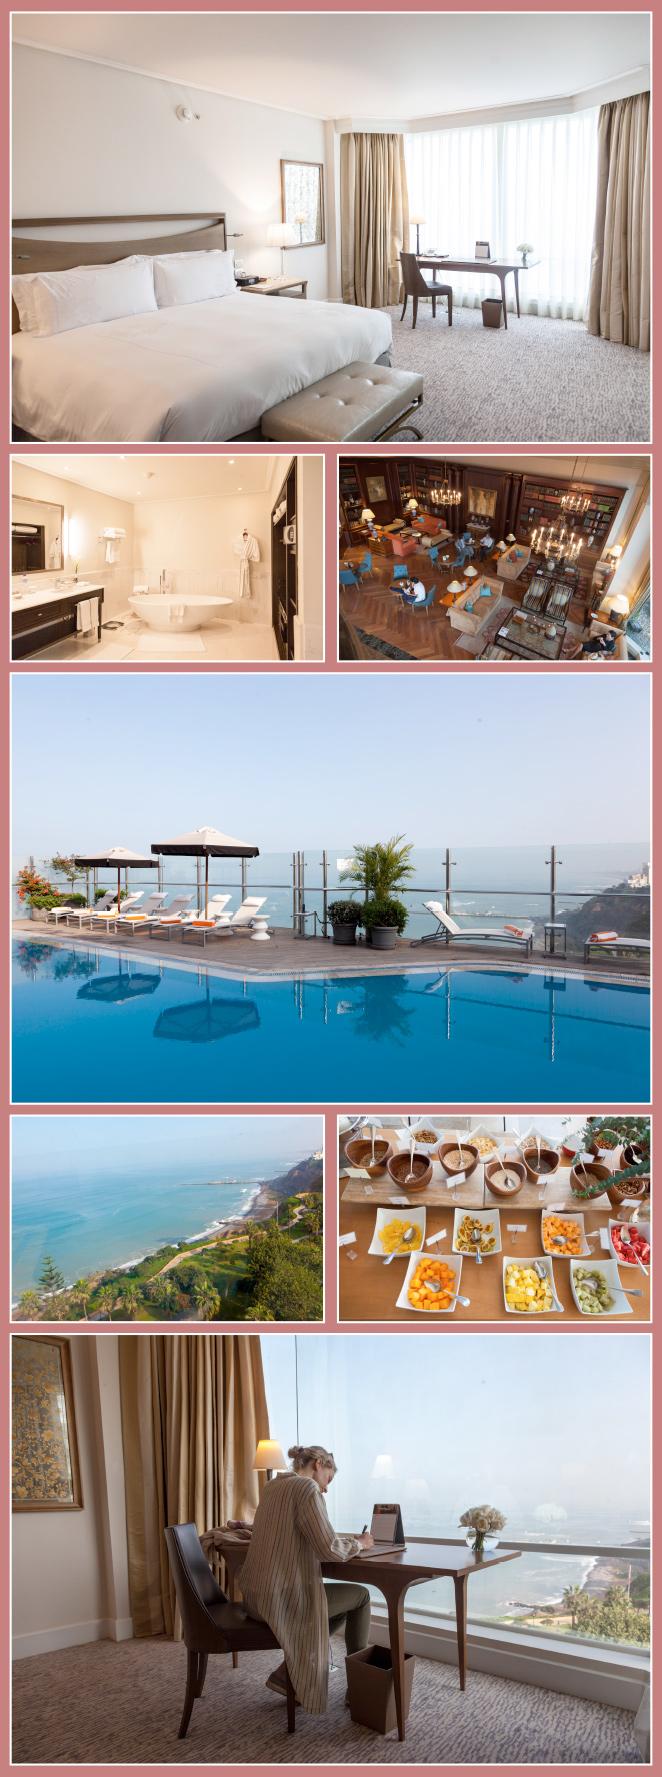 Belmond Miraflores Park es uno de los mejores hoteles de la ciudad de Lima